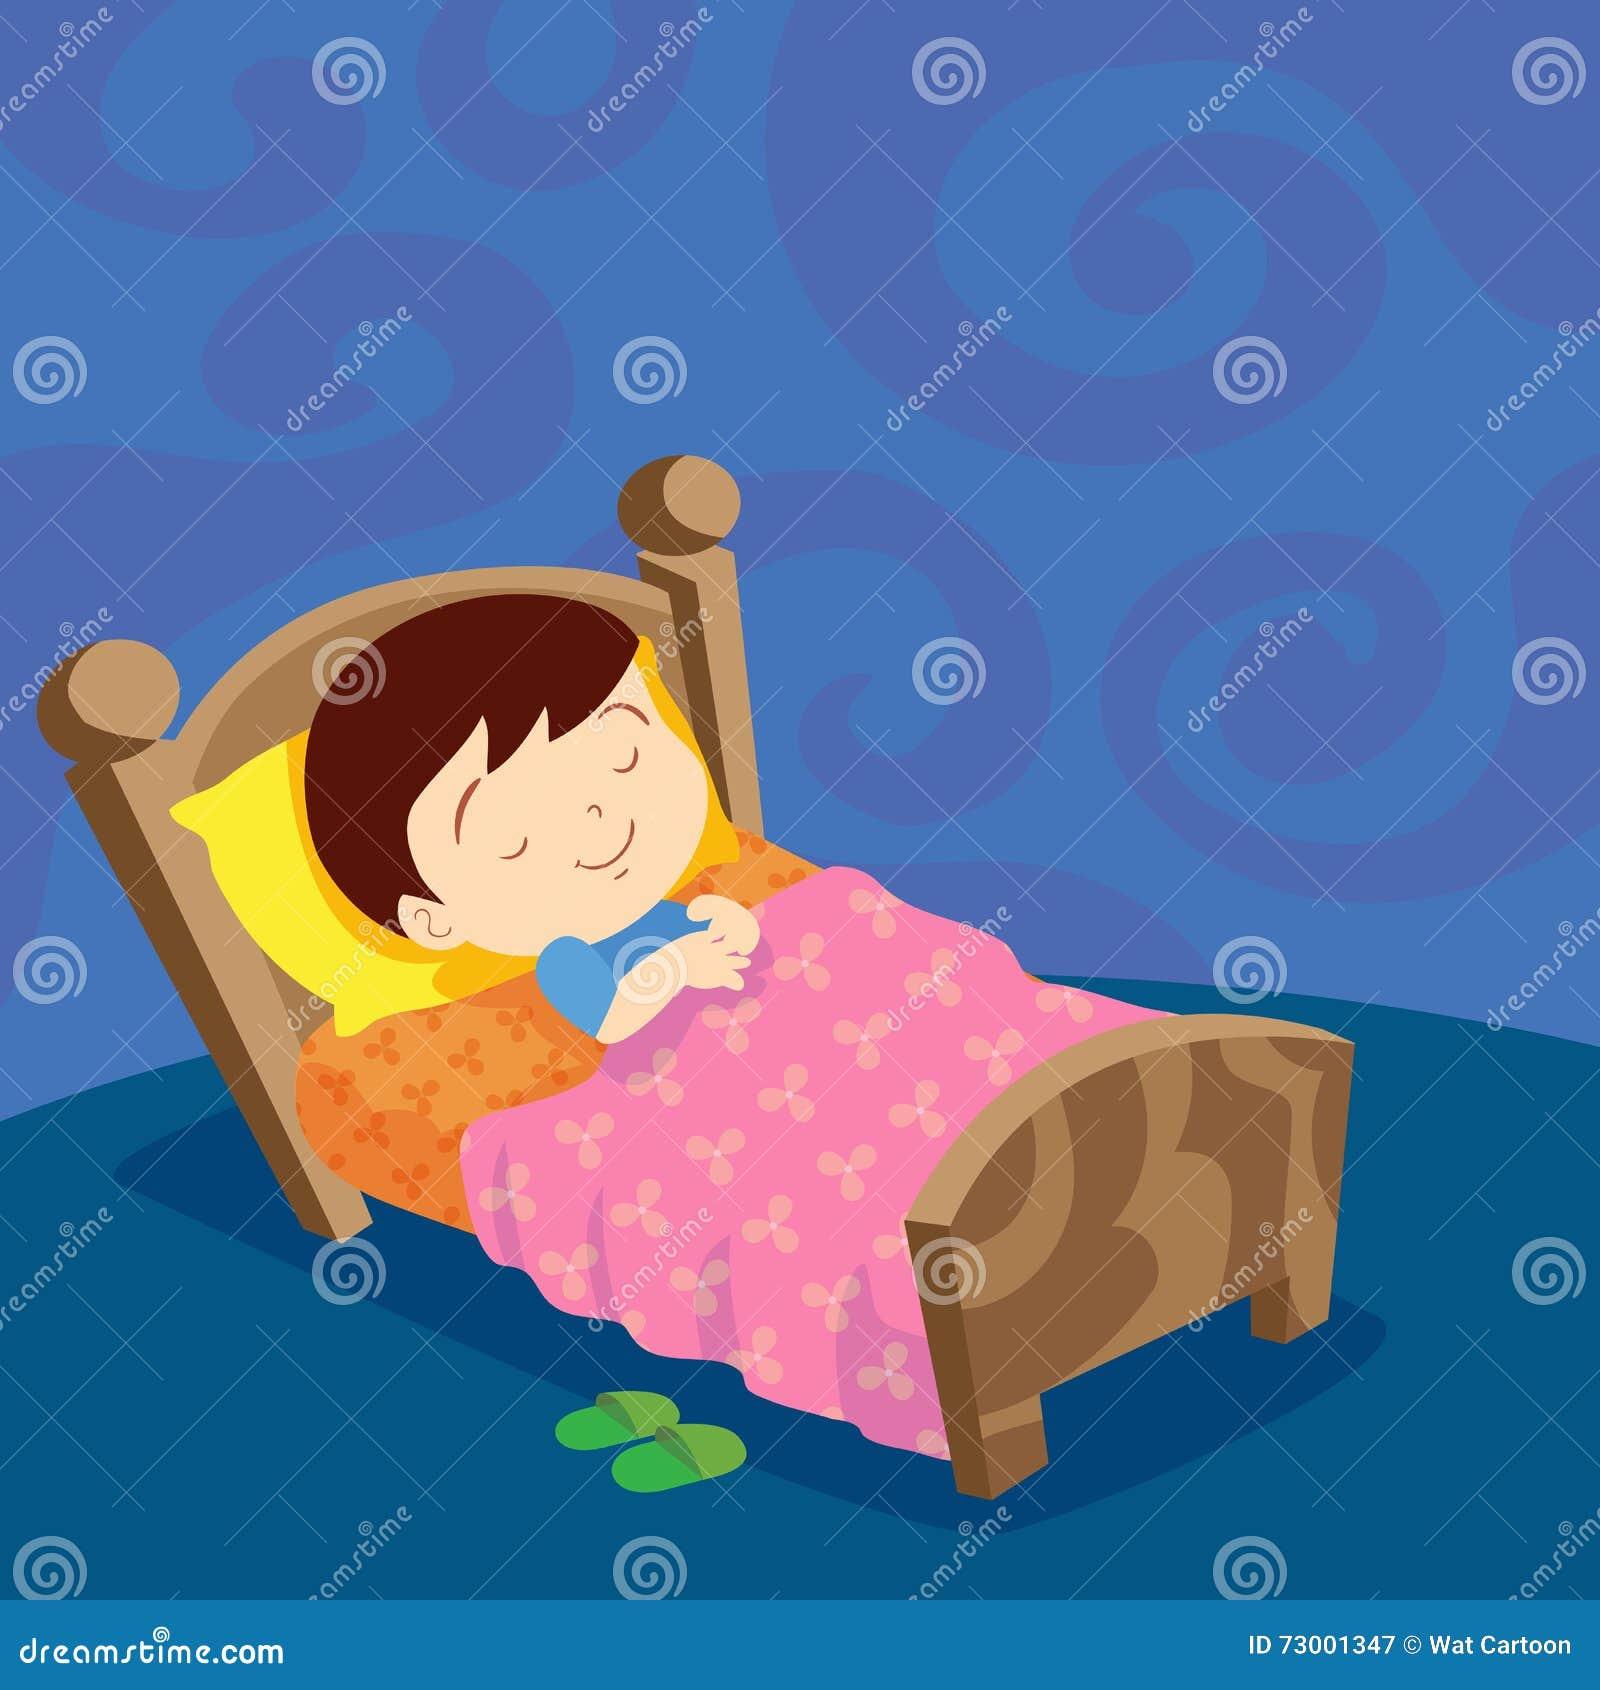 Chłopiec sen słodki sen